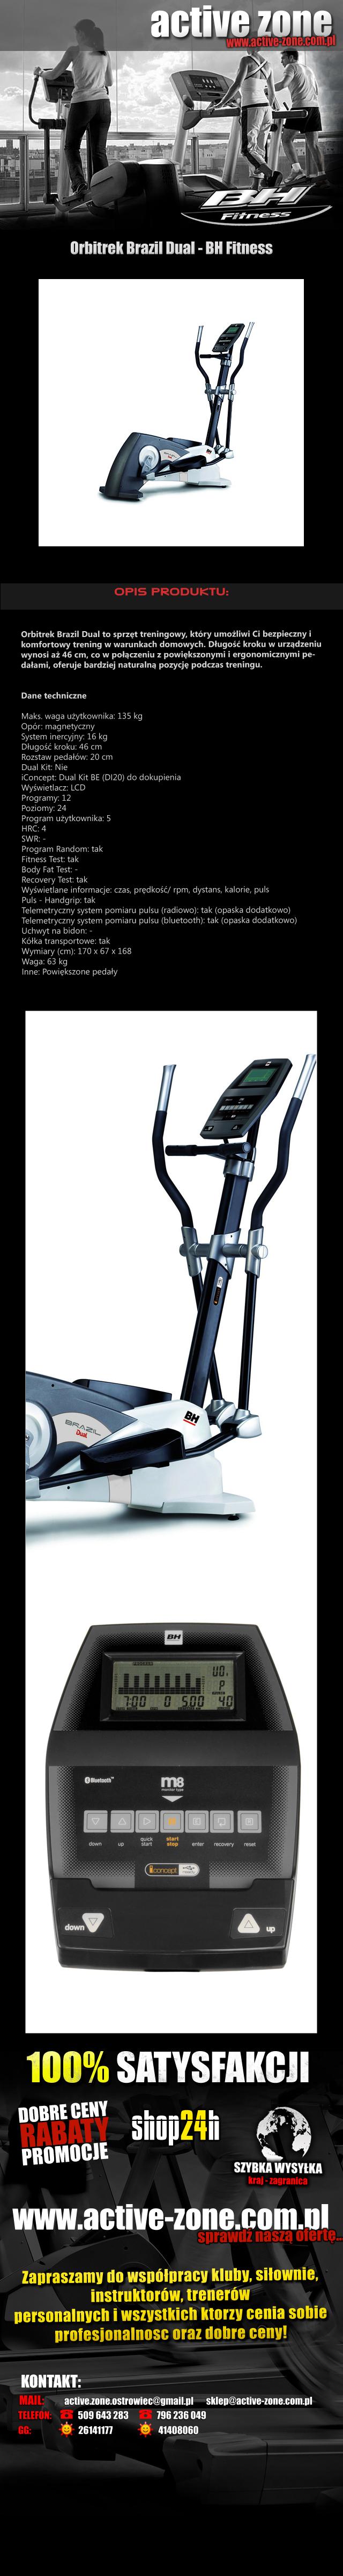 Orbitrek magnetyczny Brazil Dual - BH Fitness